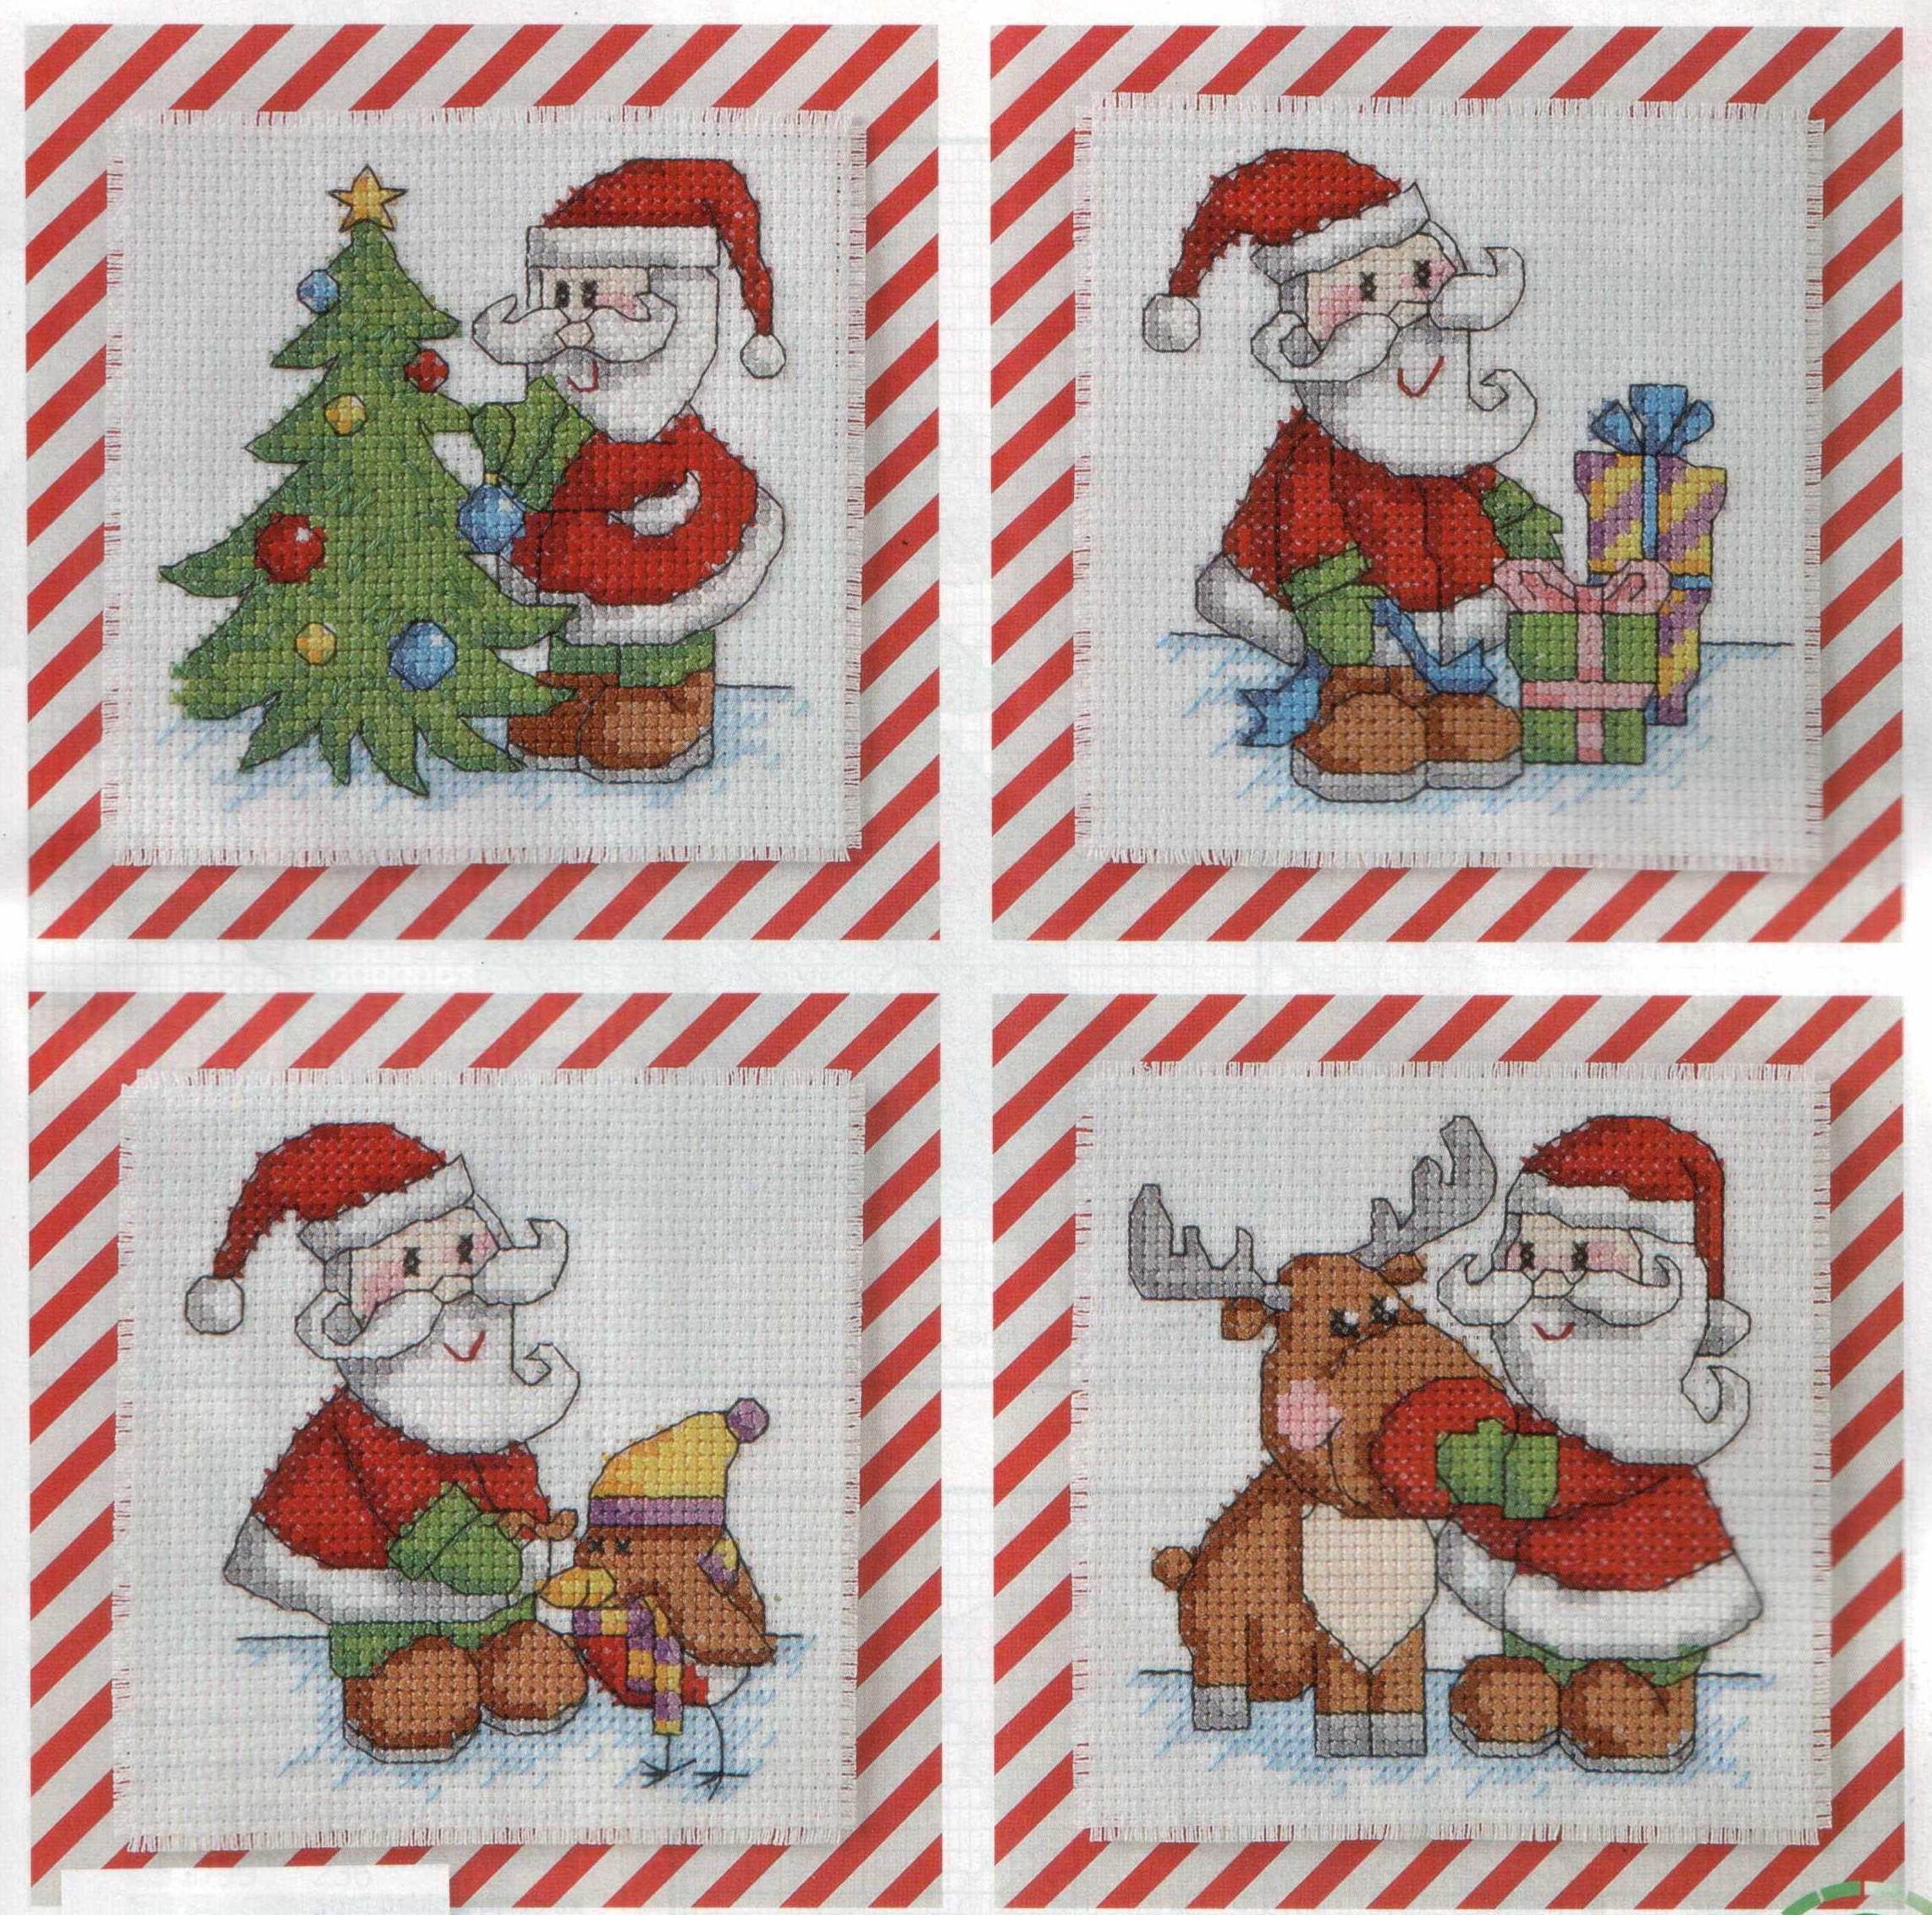 Вышивка крестом схемы новогодние на открытку, книжки заказать летящий